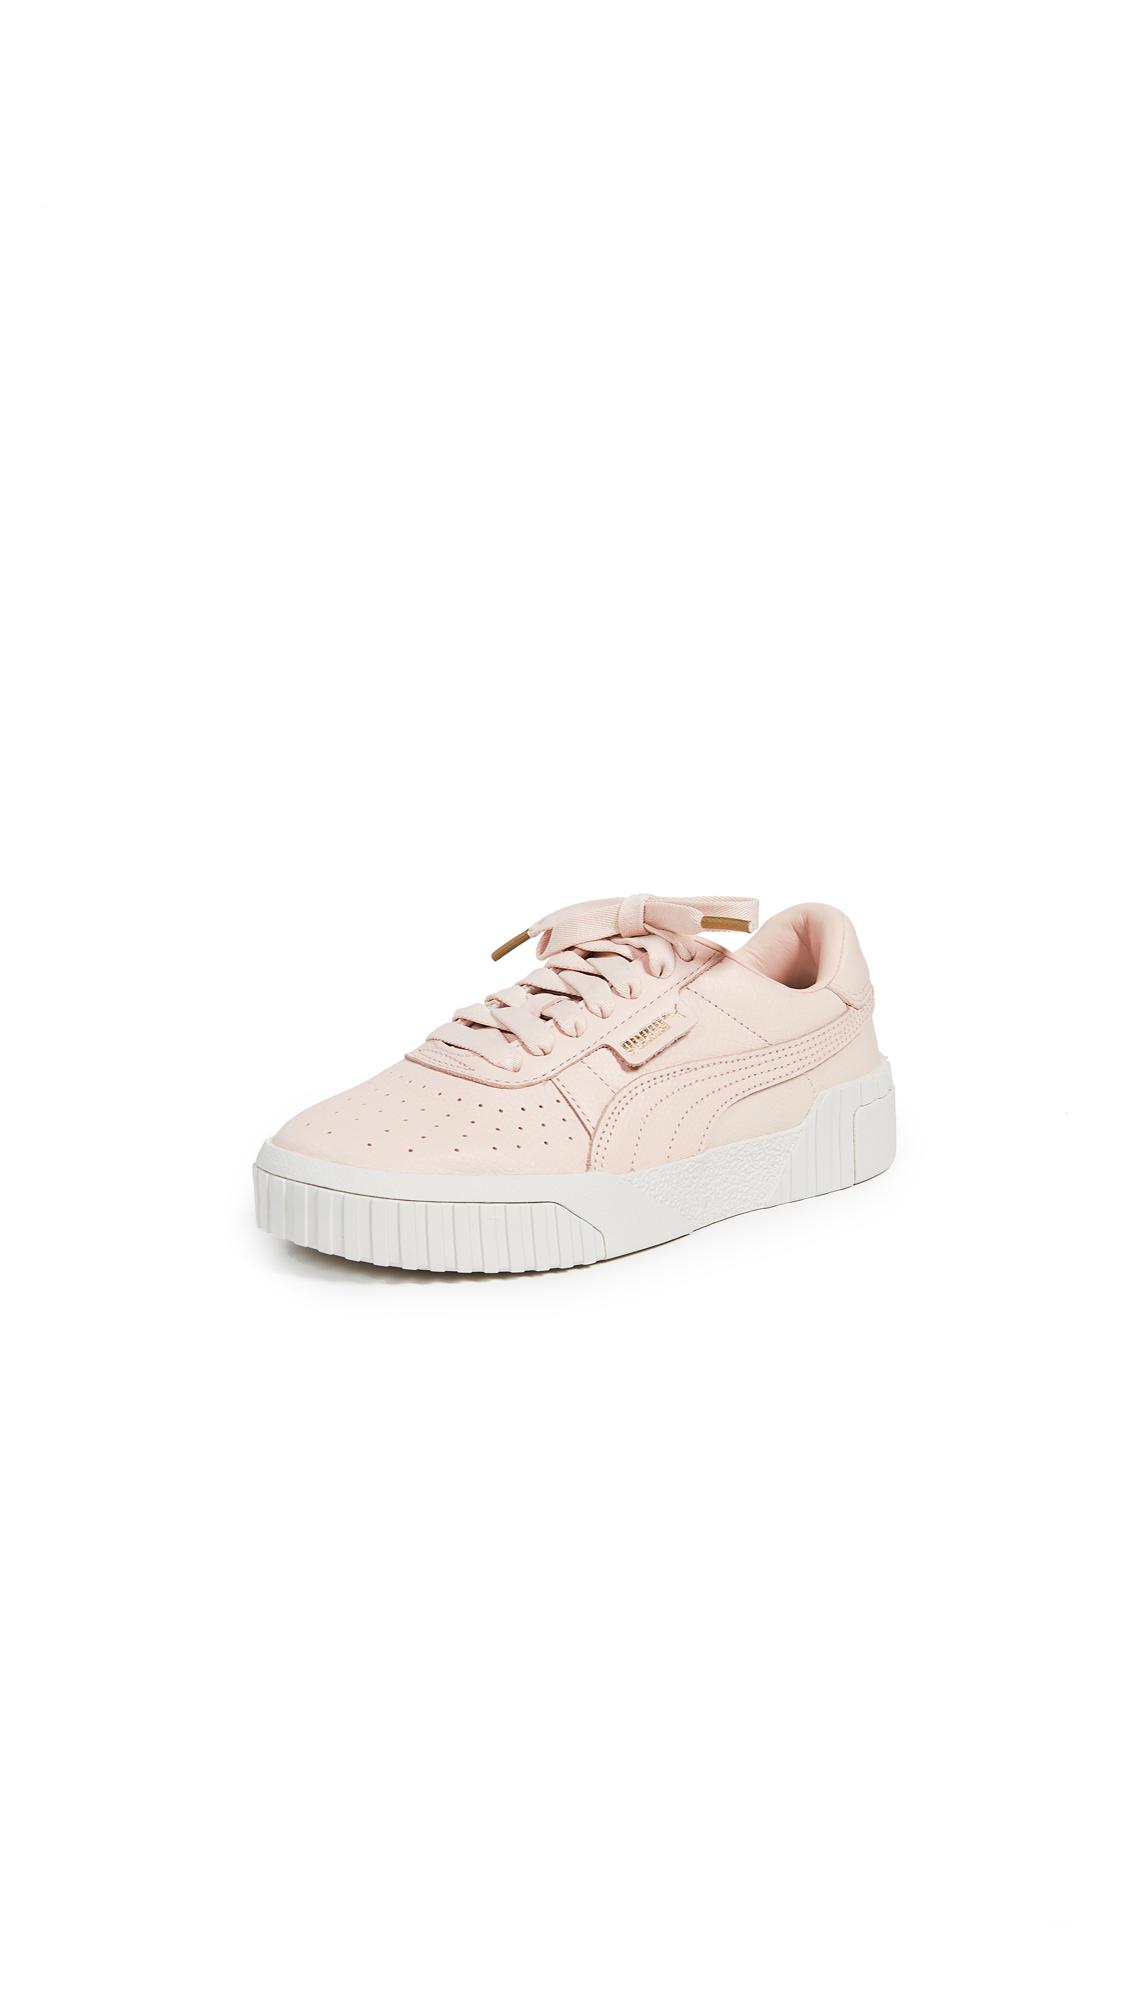 PUMA Cali Emboss Sneakers - Cream Tan/Cream Tan